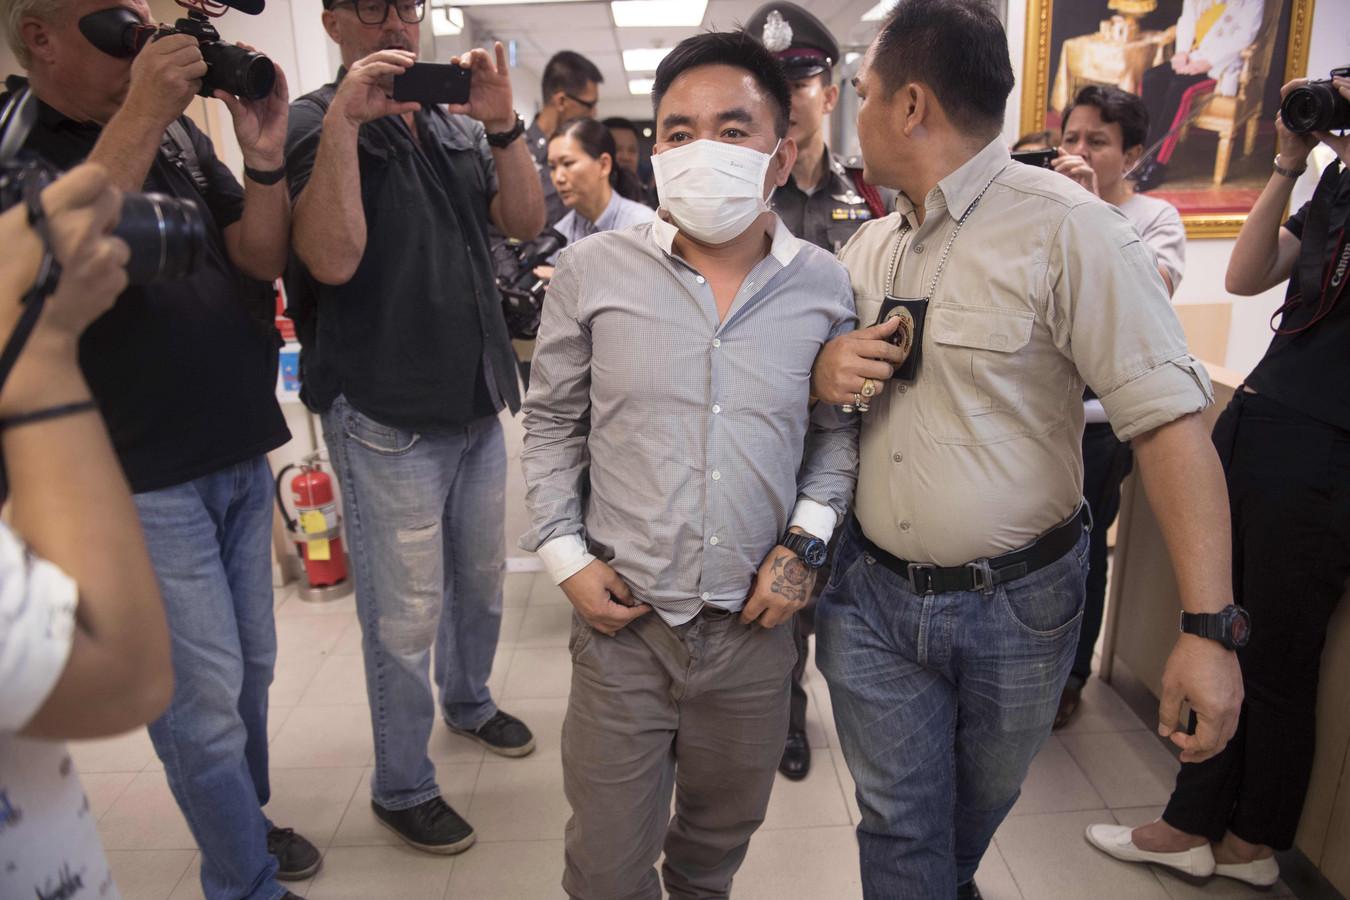 Boonchai Bach wordt onder grote aandacht van de media naar een politiebureau in Bangkok gebracht.